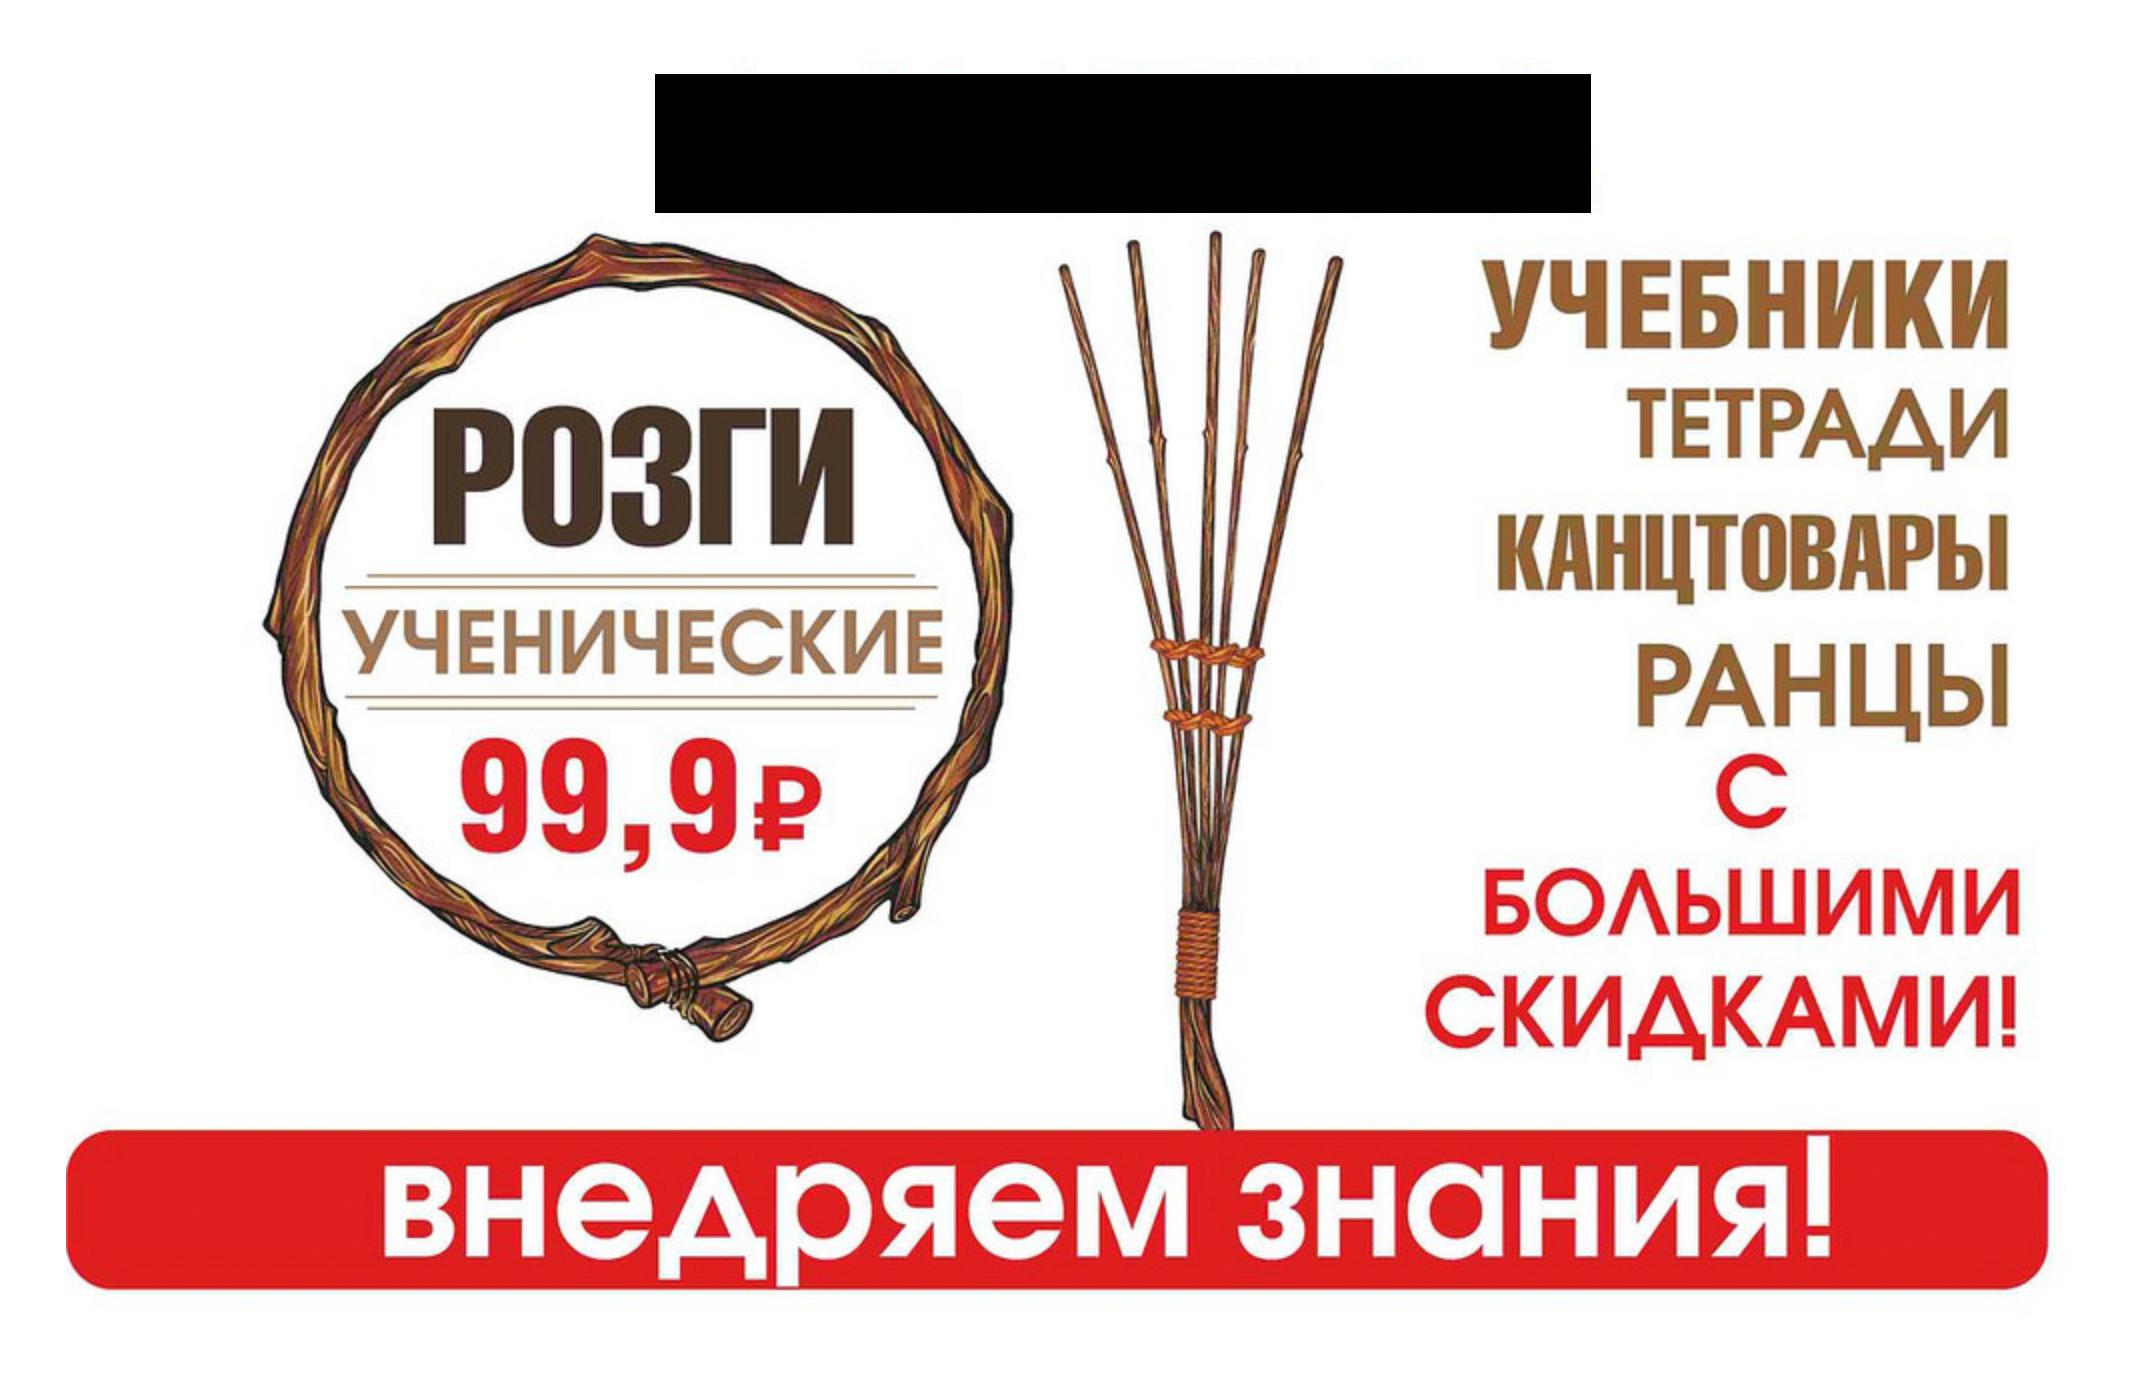 Книжный магазин предлагал внедрять знания розгами. Фото: novayasamara.ru